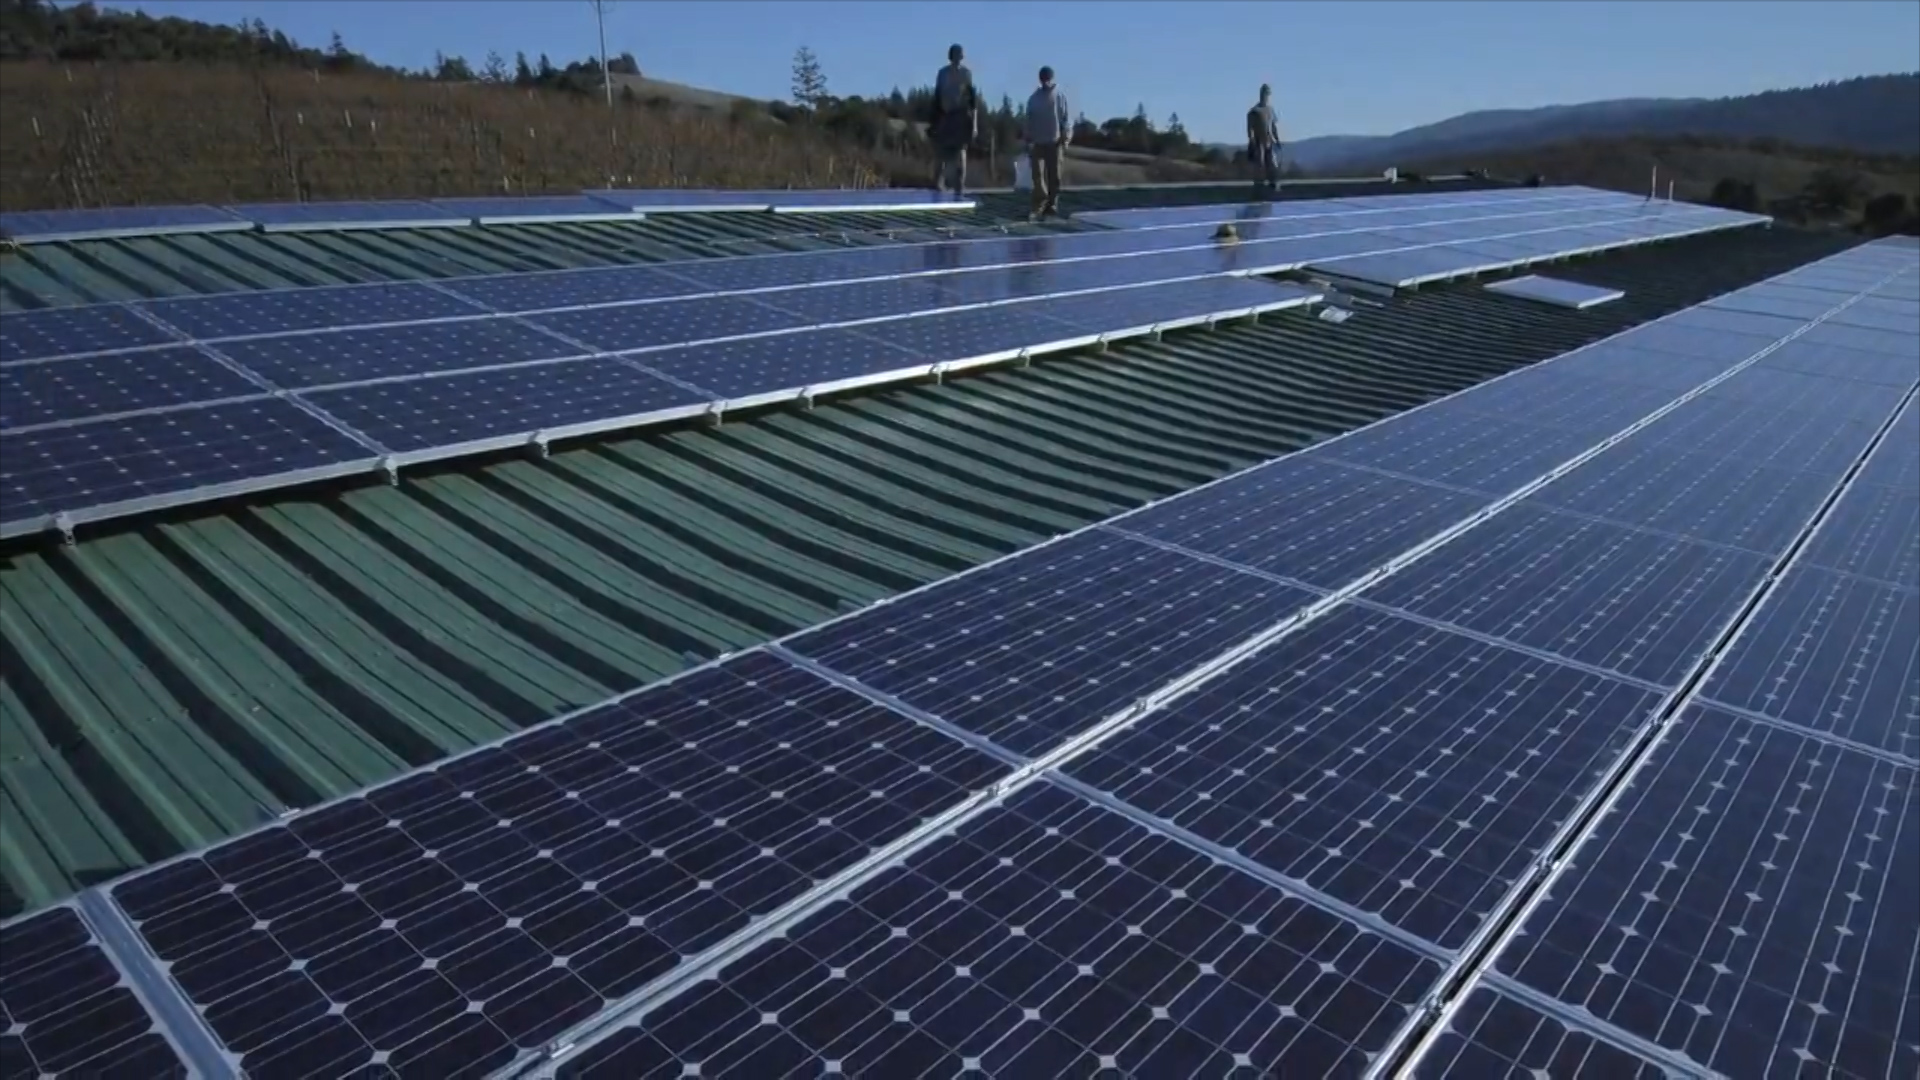 Imobilele din București vor fi dotate cu panouri solare în valoare de două miliarde de lei. Planul Primăriei capitalei